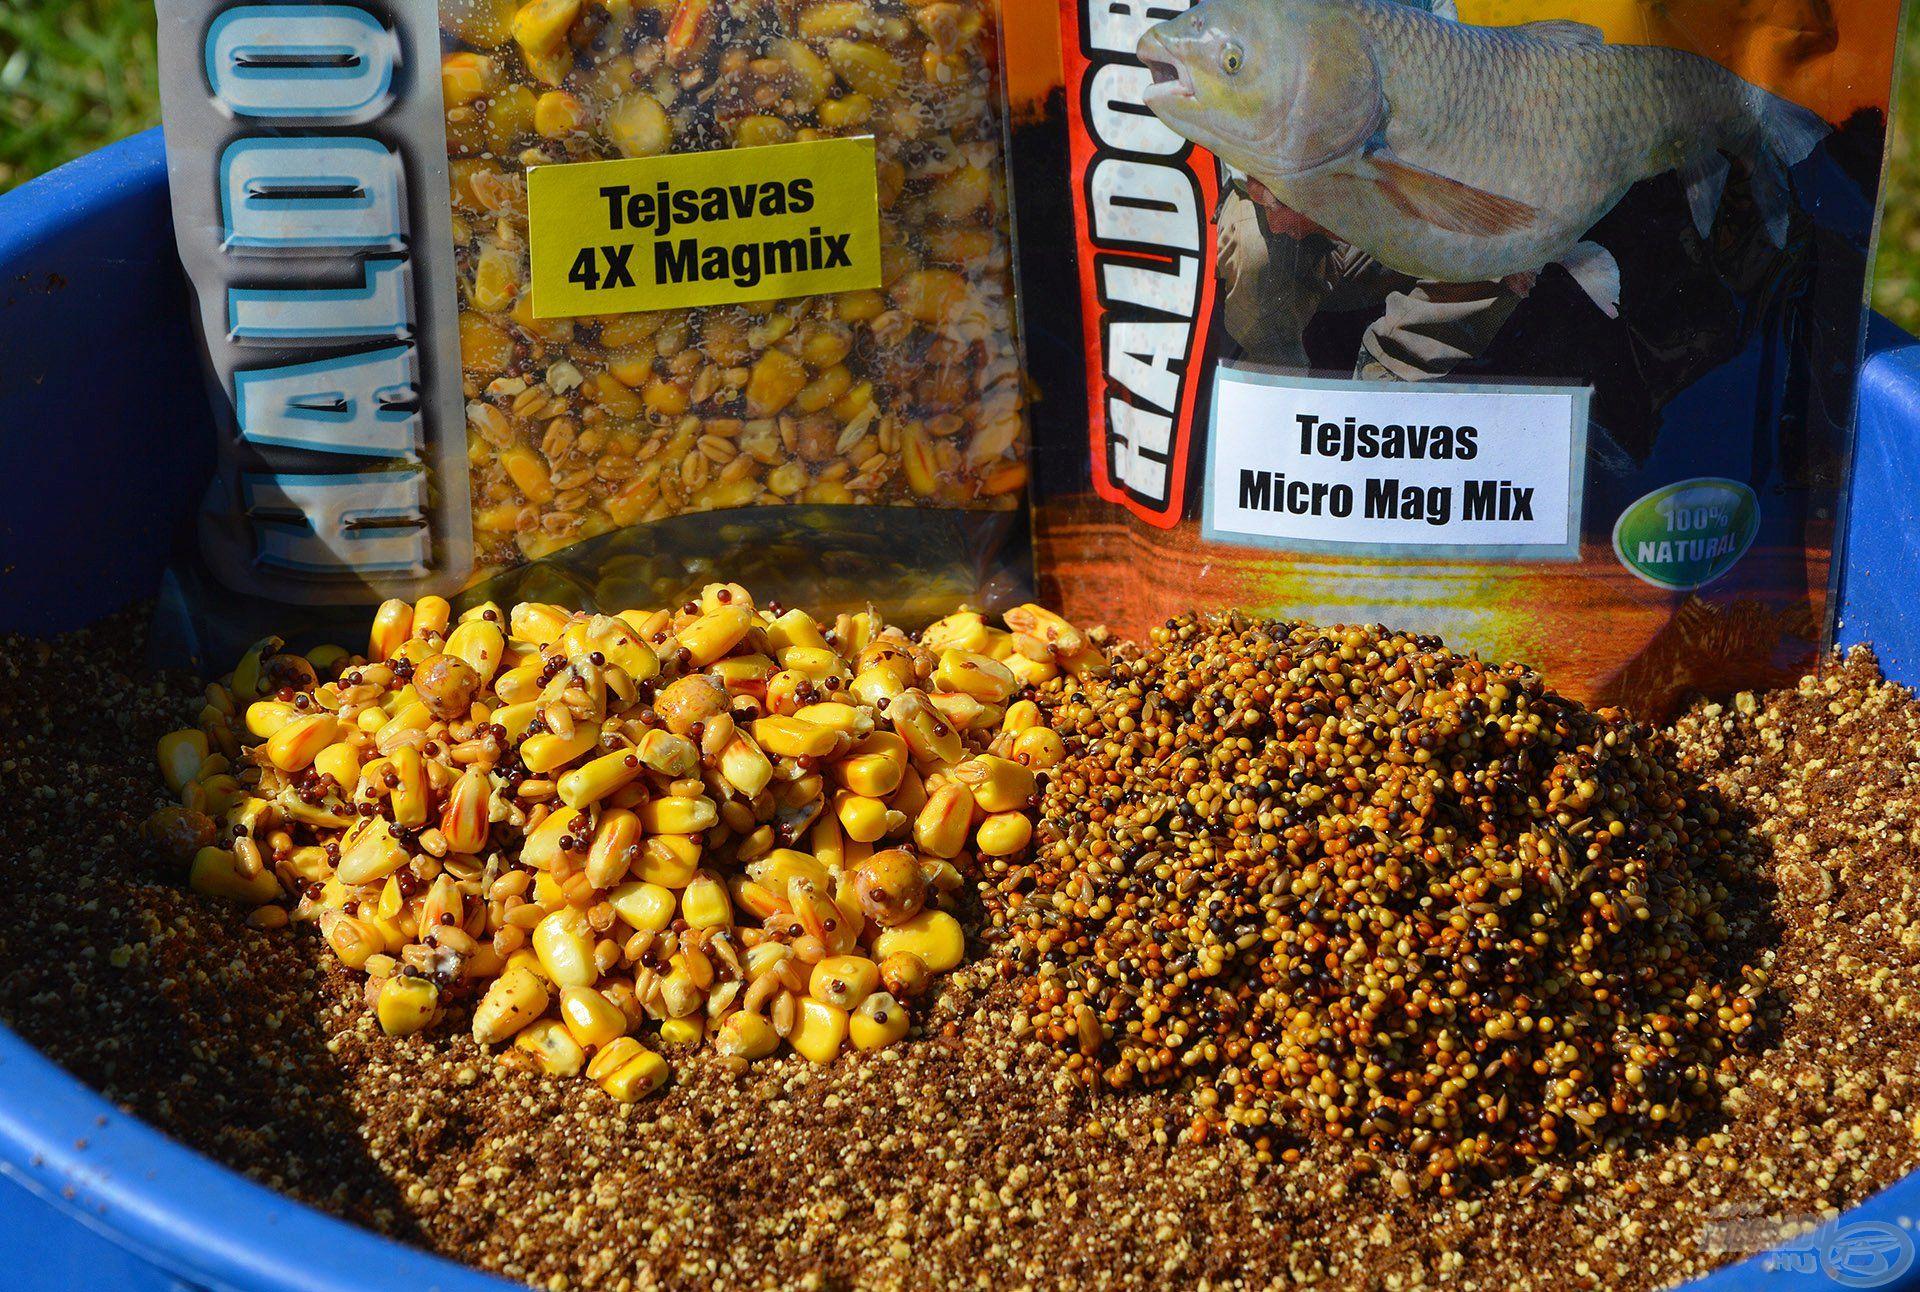 A keverék tartalmasságáról a Tejsavas 4X Magmix és a Tejsavas Micro Mag Mix gondoskodik